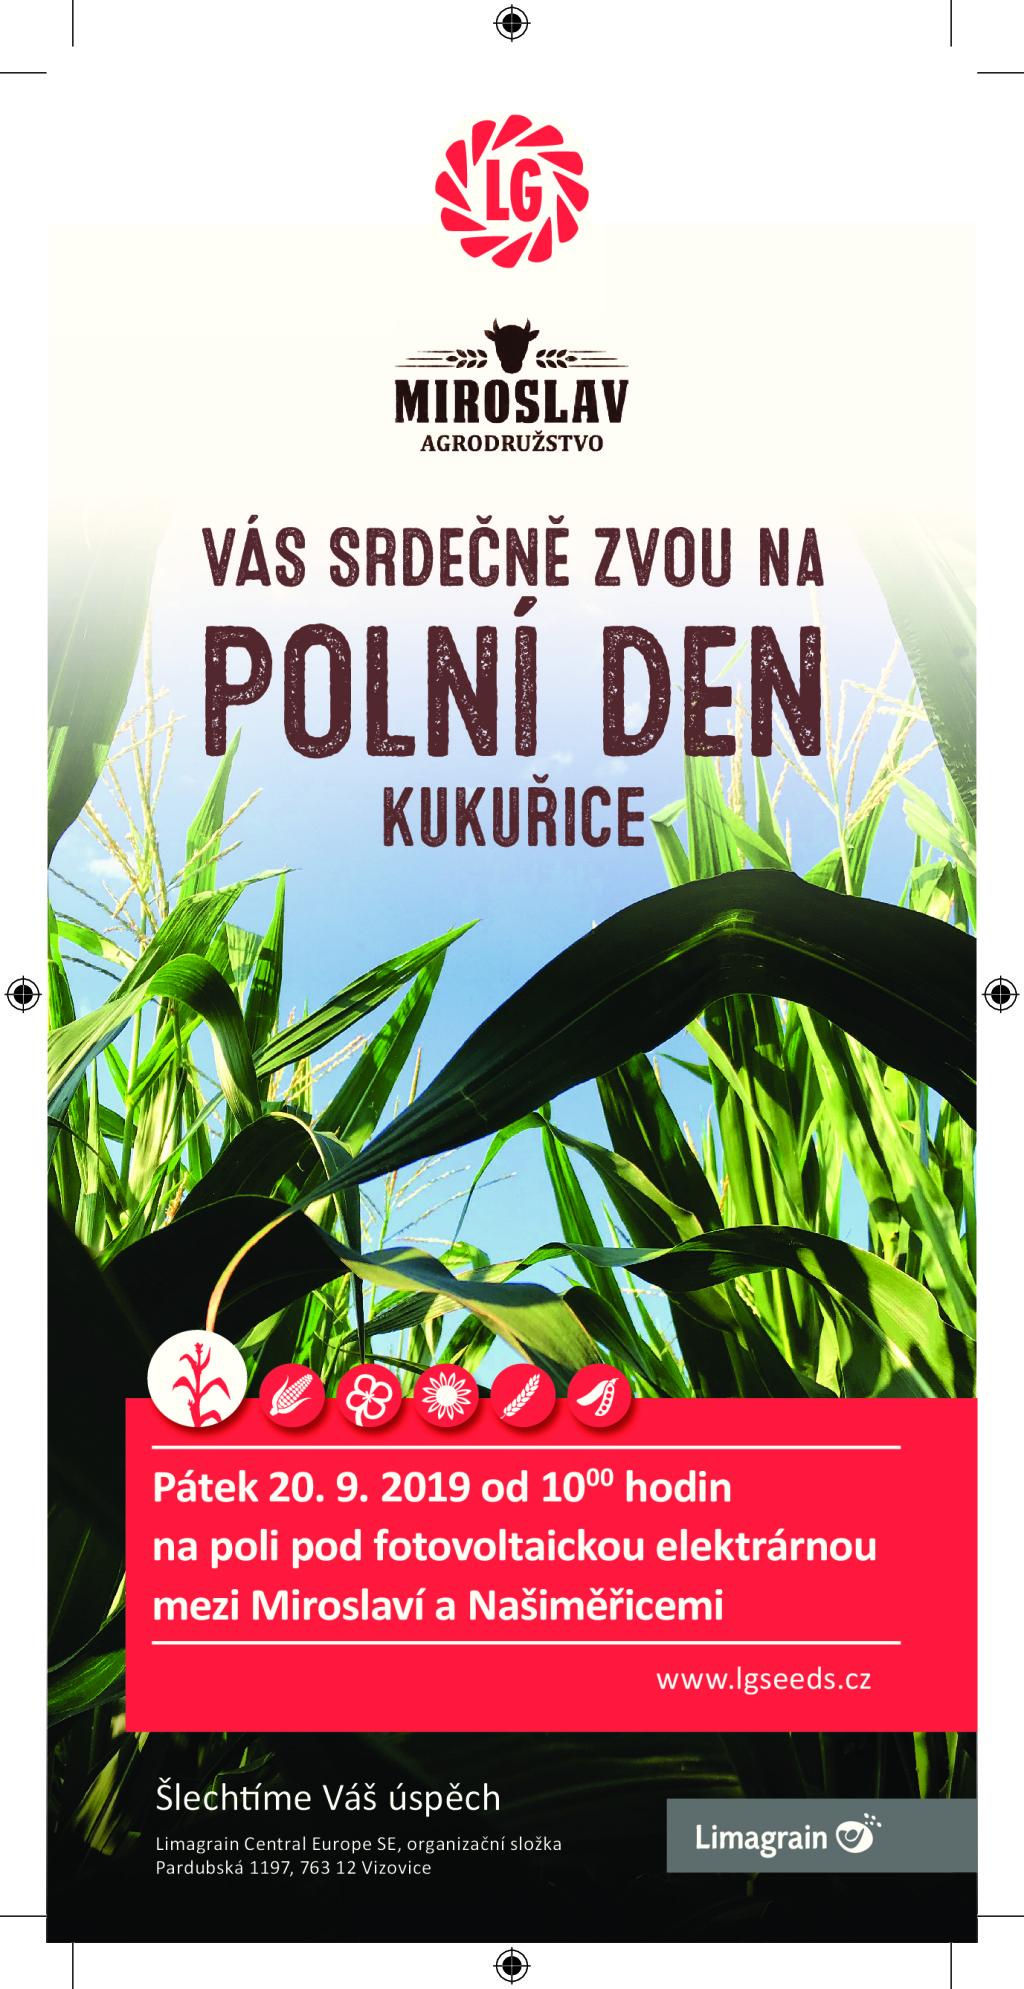 2019 CZ Polní den Miroslav2009_DL